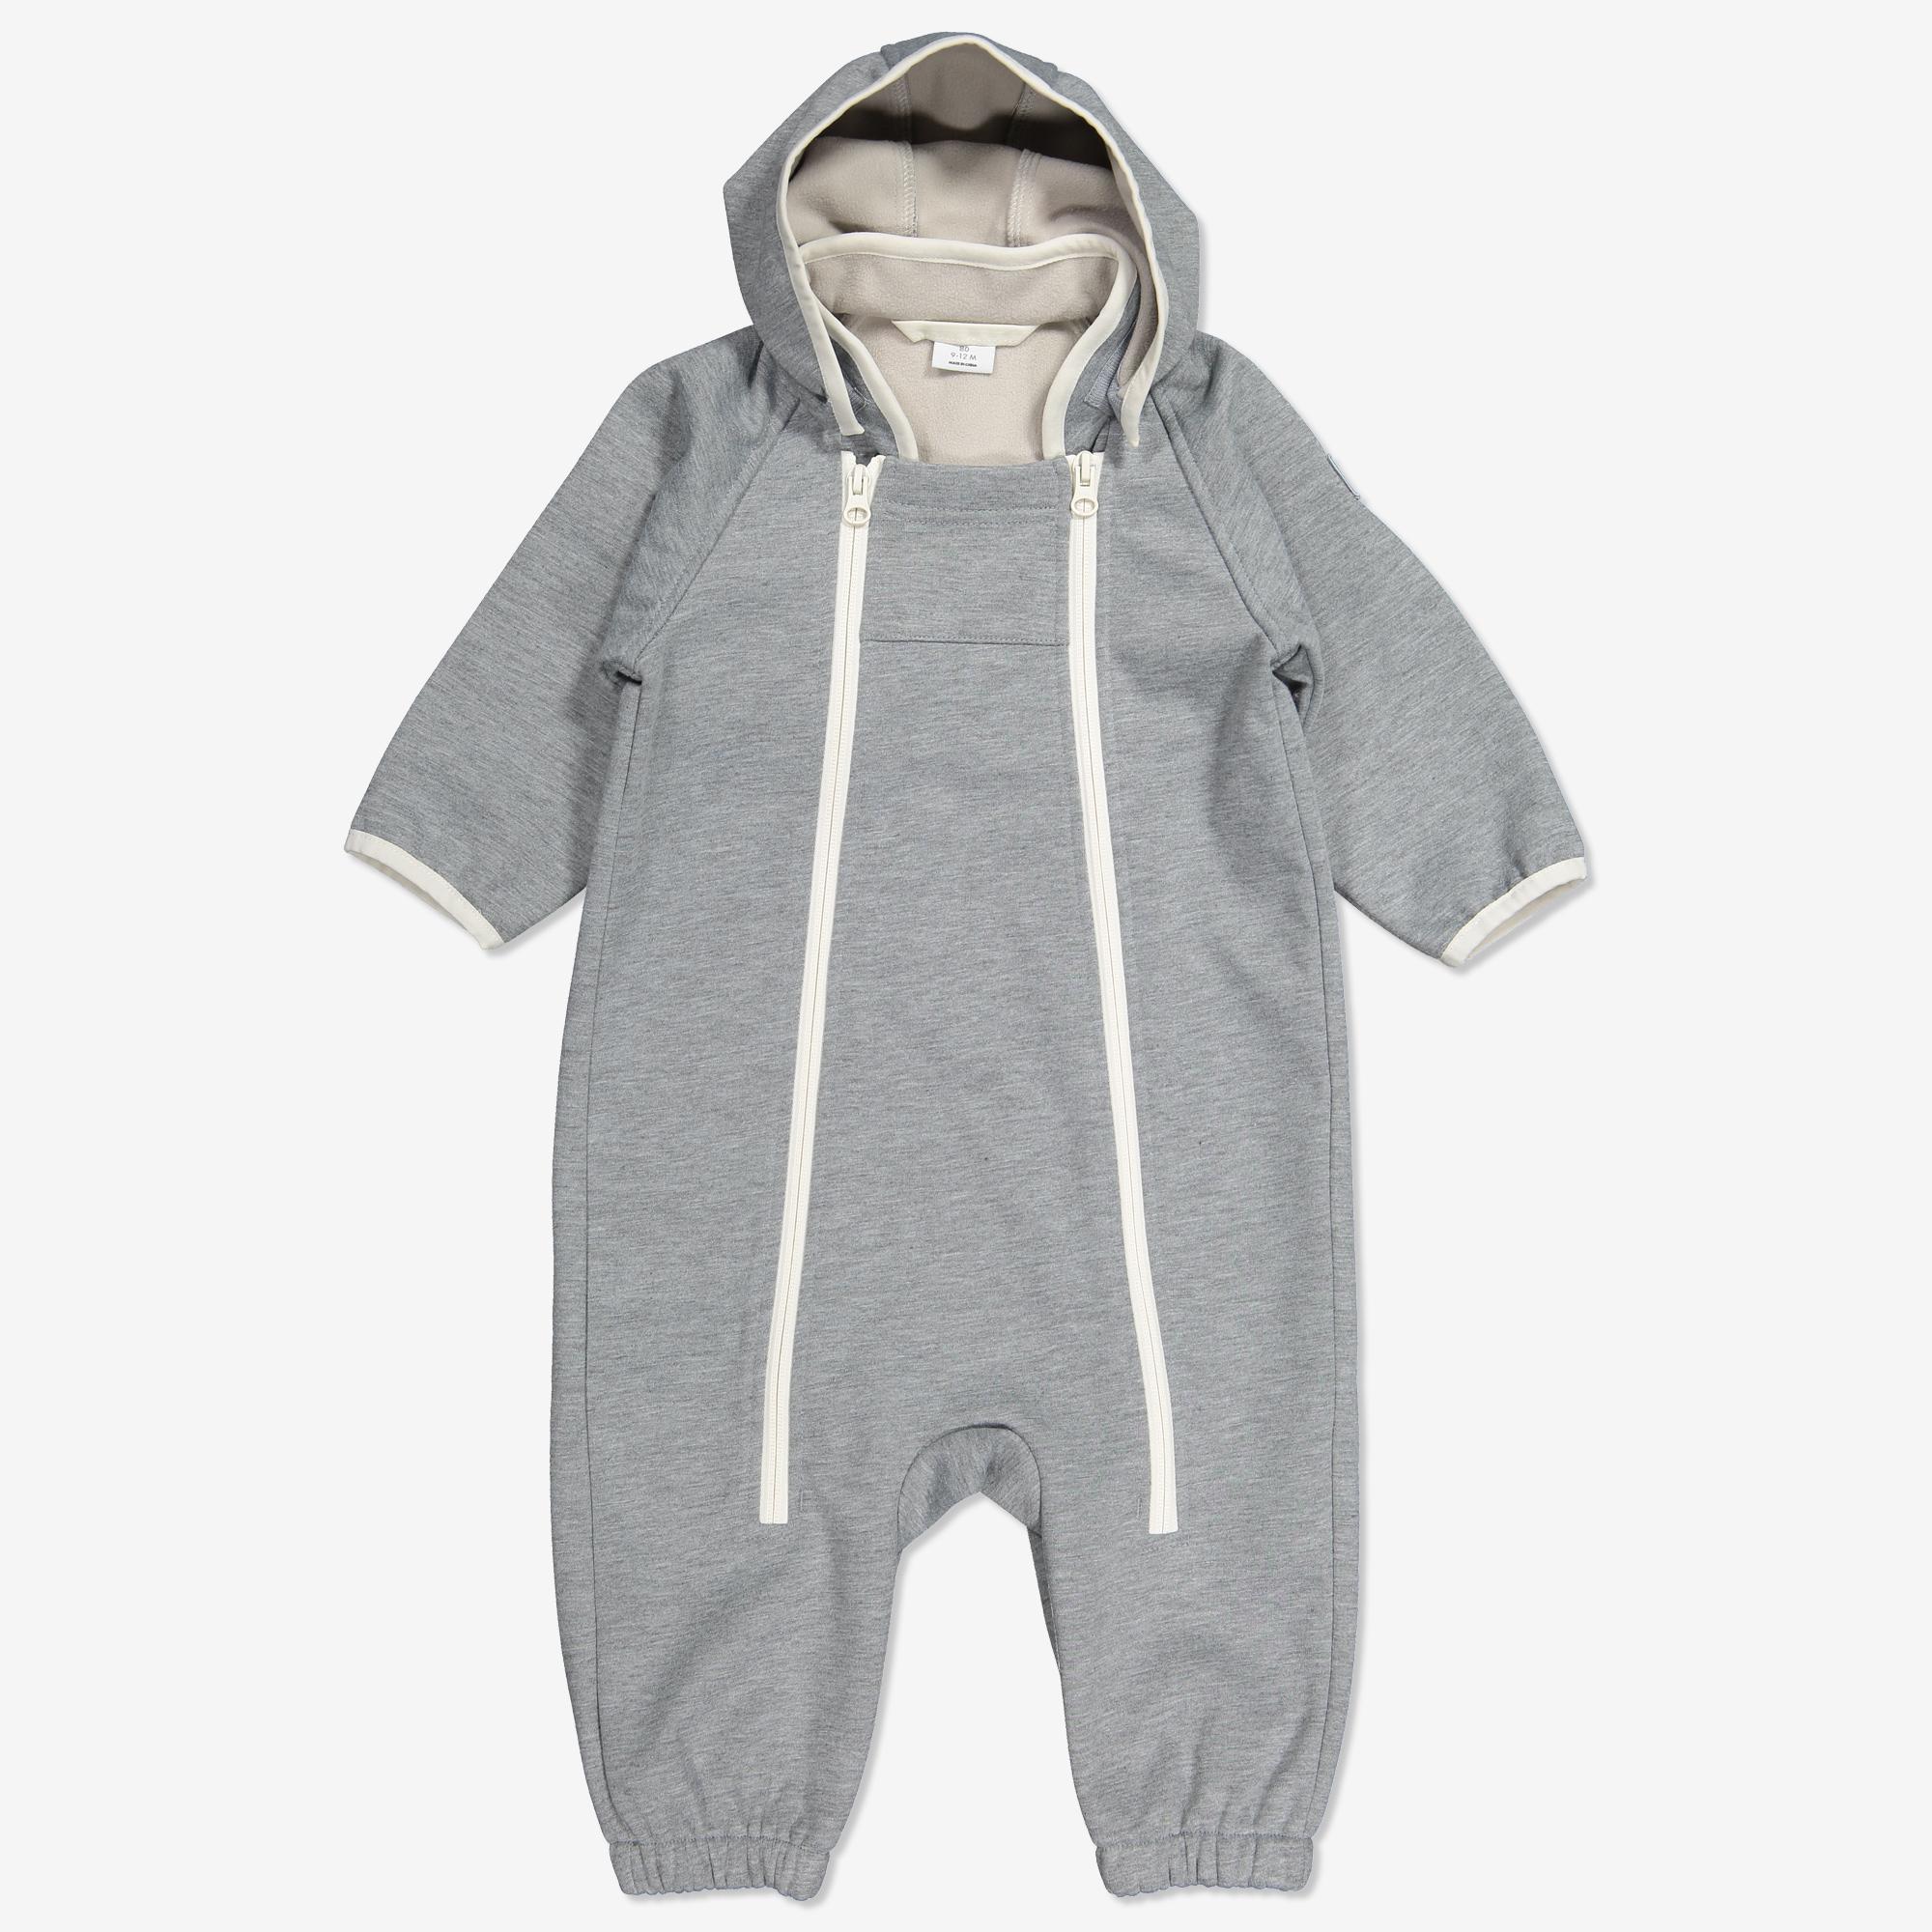 myyntipiste myynnissä juoksukengät alkuun tuotemerkkejä Vauvan softshell-haalari harmaameleerattu   Polarnopyret.fi